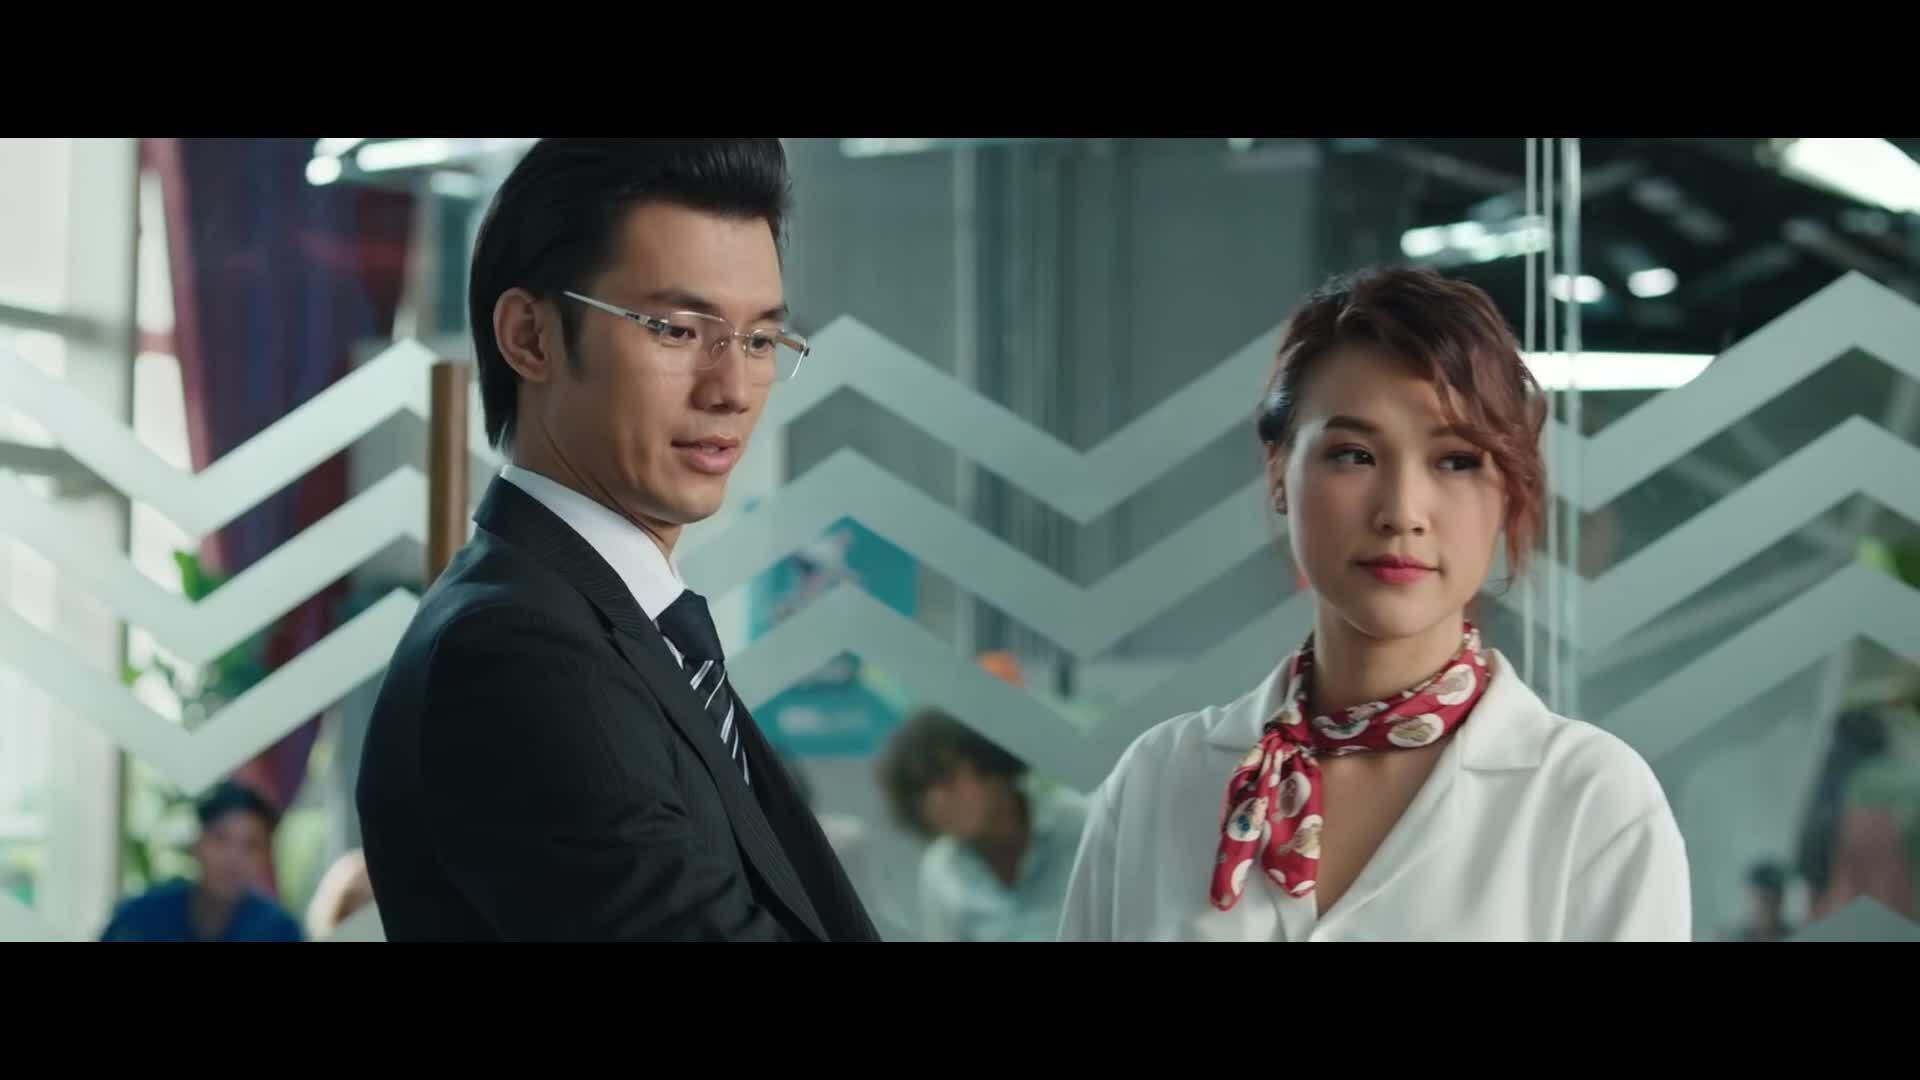 Hoàng Oanh, Quốc Anh diễn cảnh lãng mạn trong Ước hẹn mùa thu